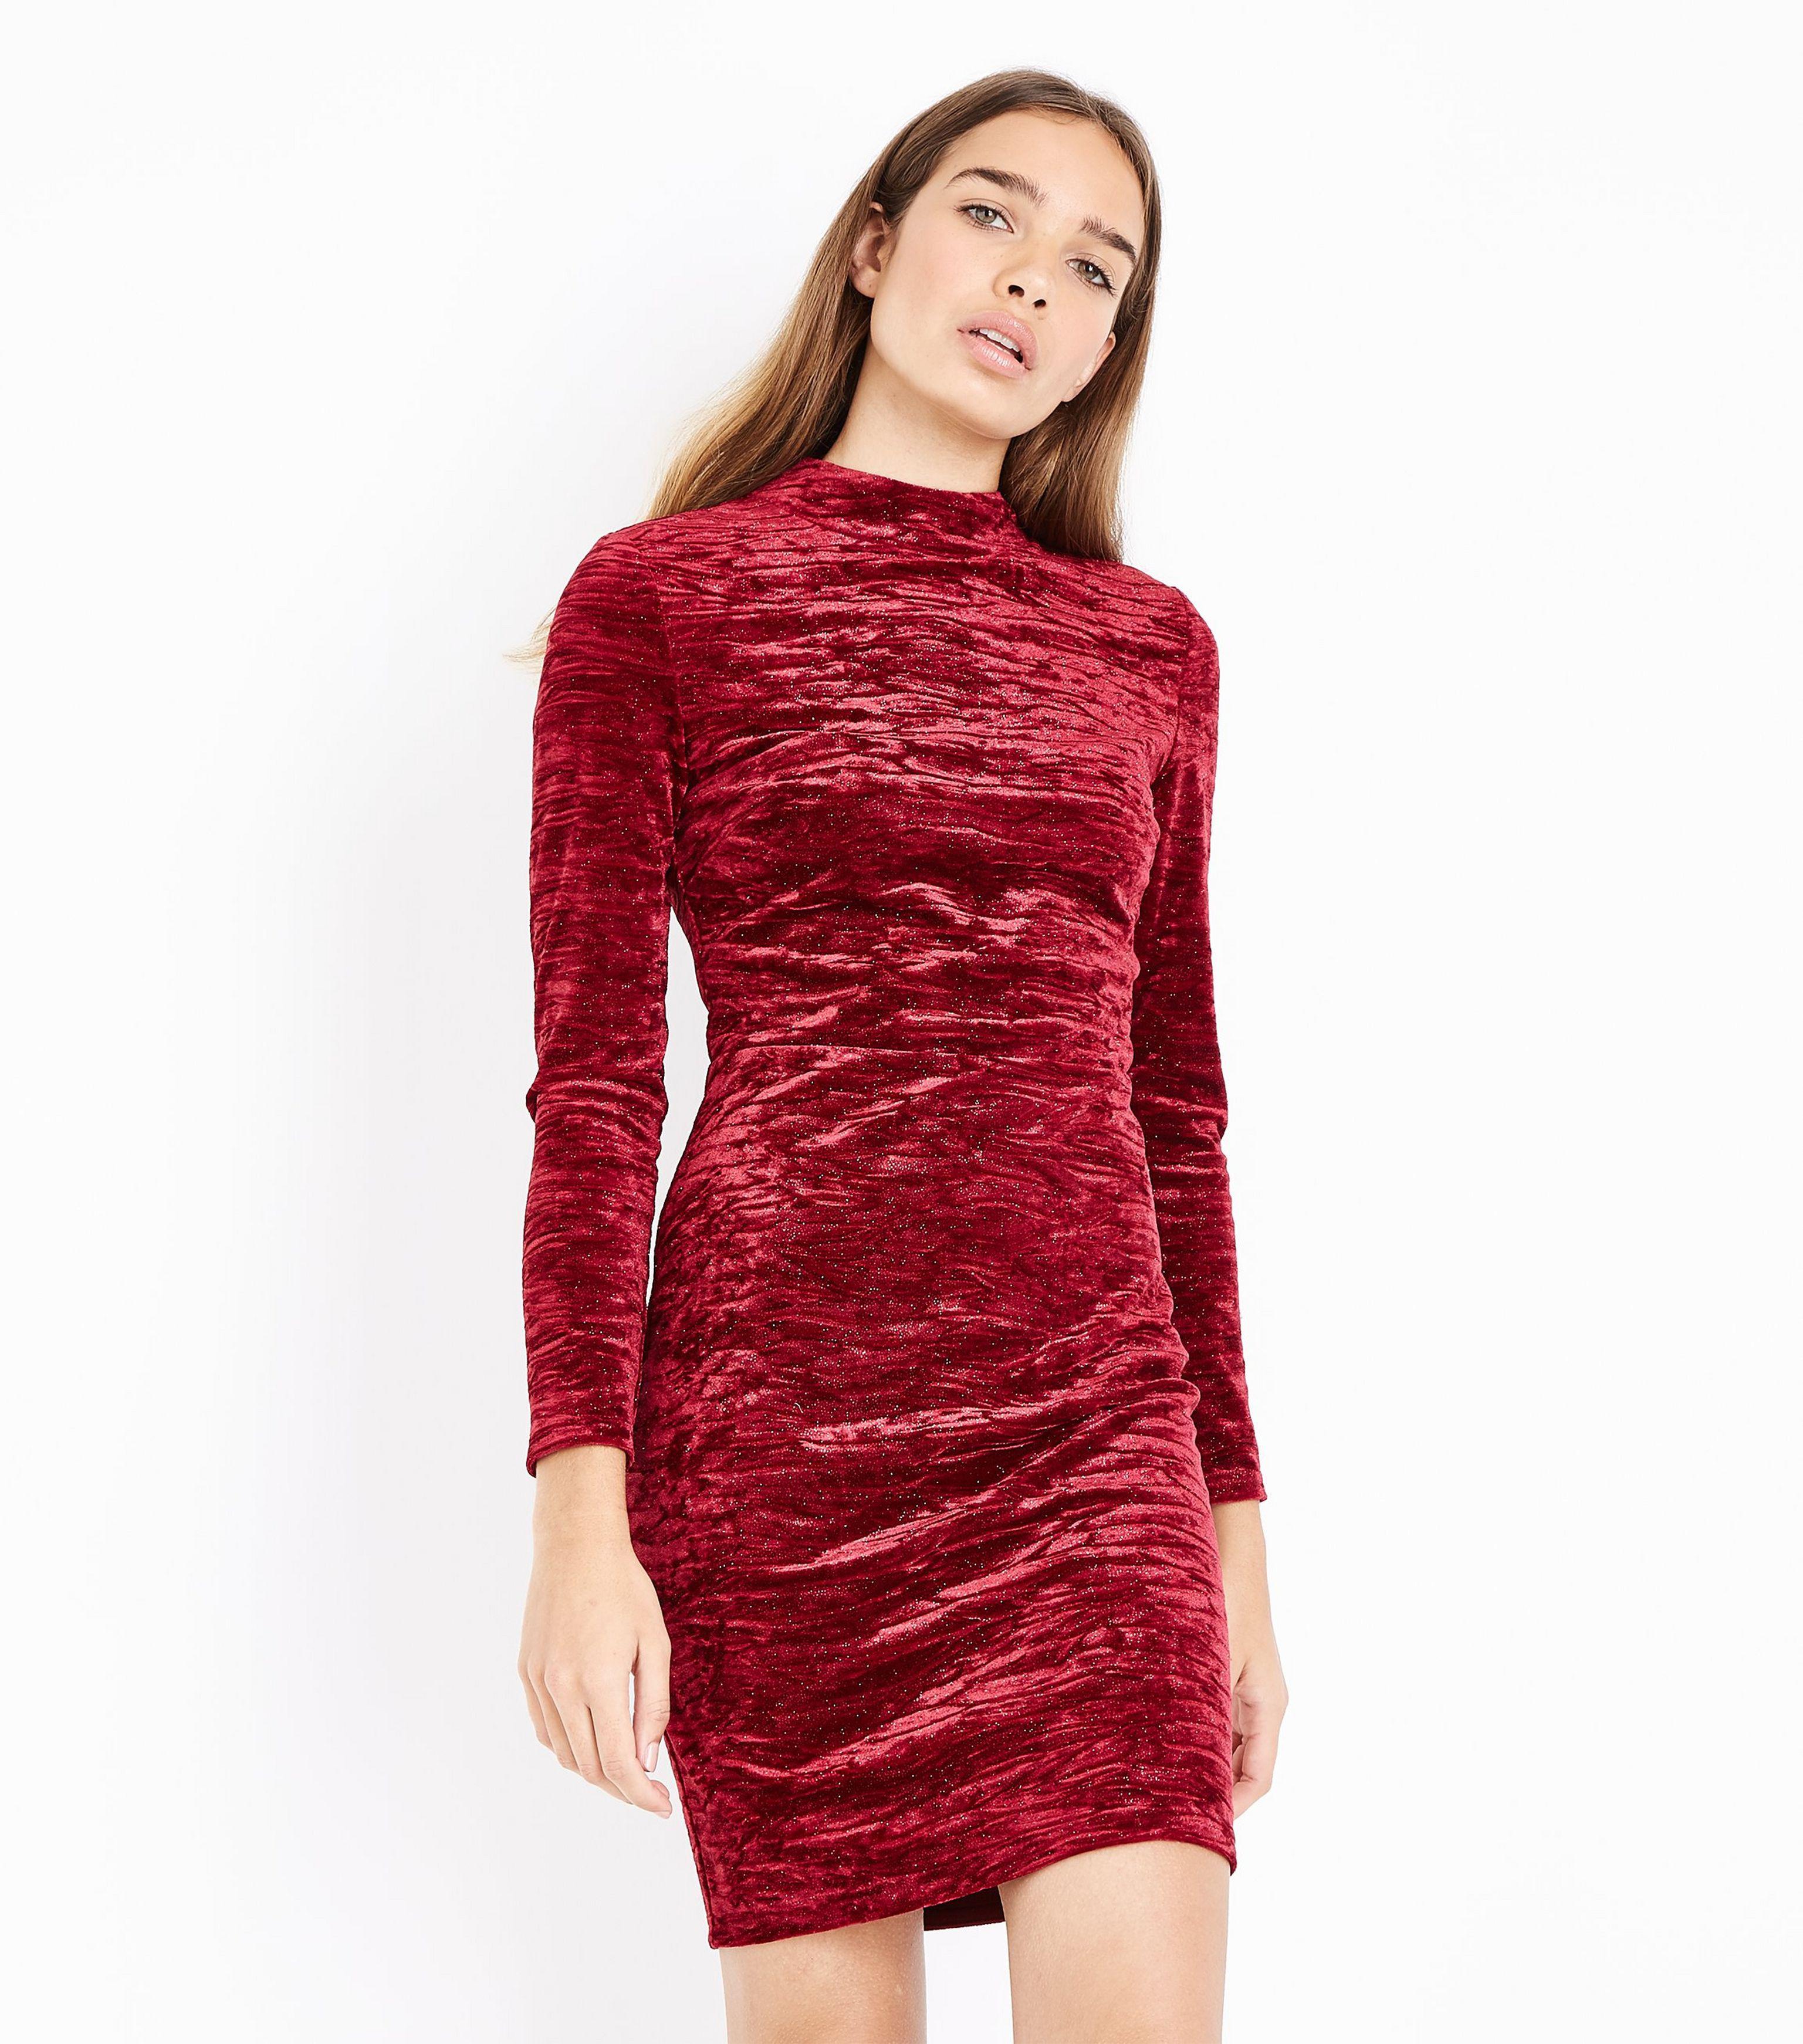 db0e96c7cd10 New Look Red Glitter Velvet Wrap Back Dress in Red - Lyst